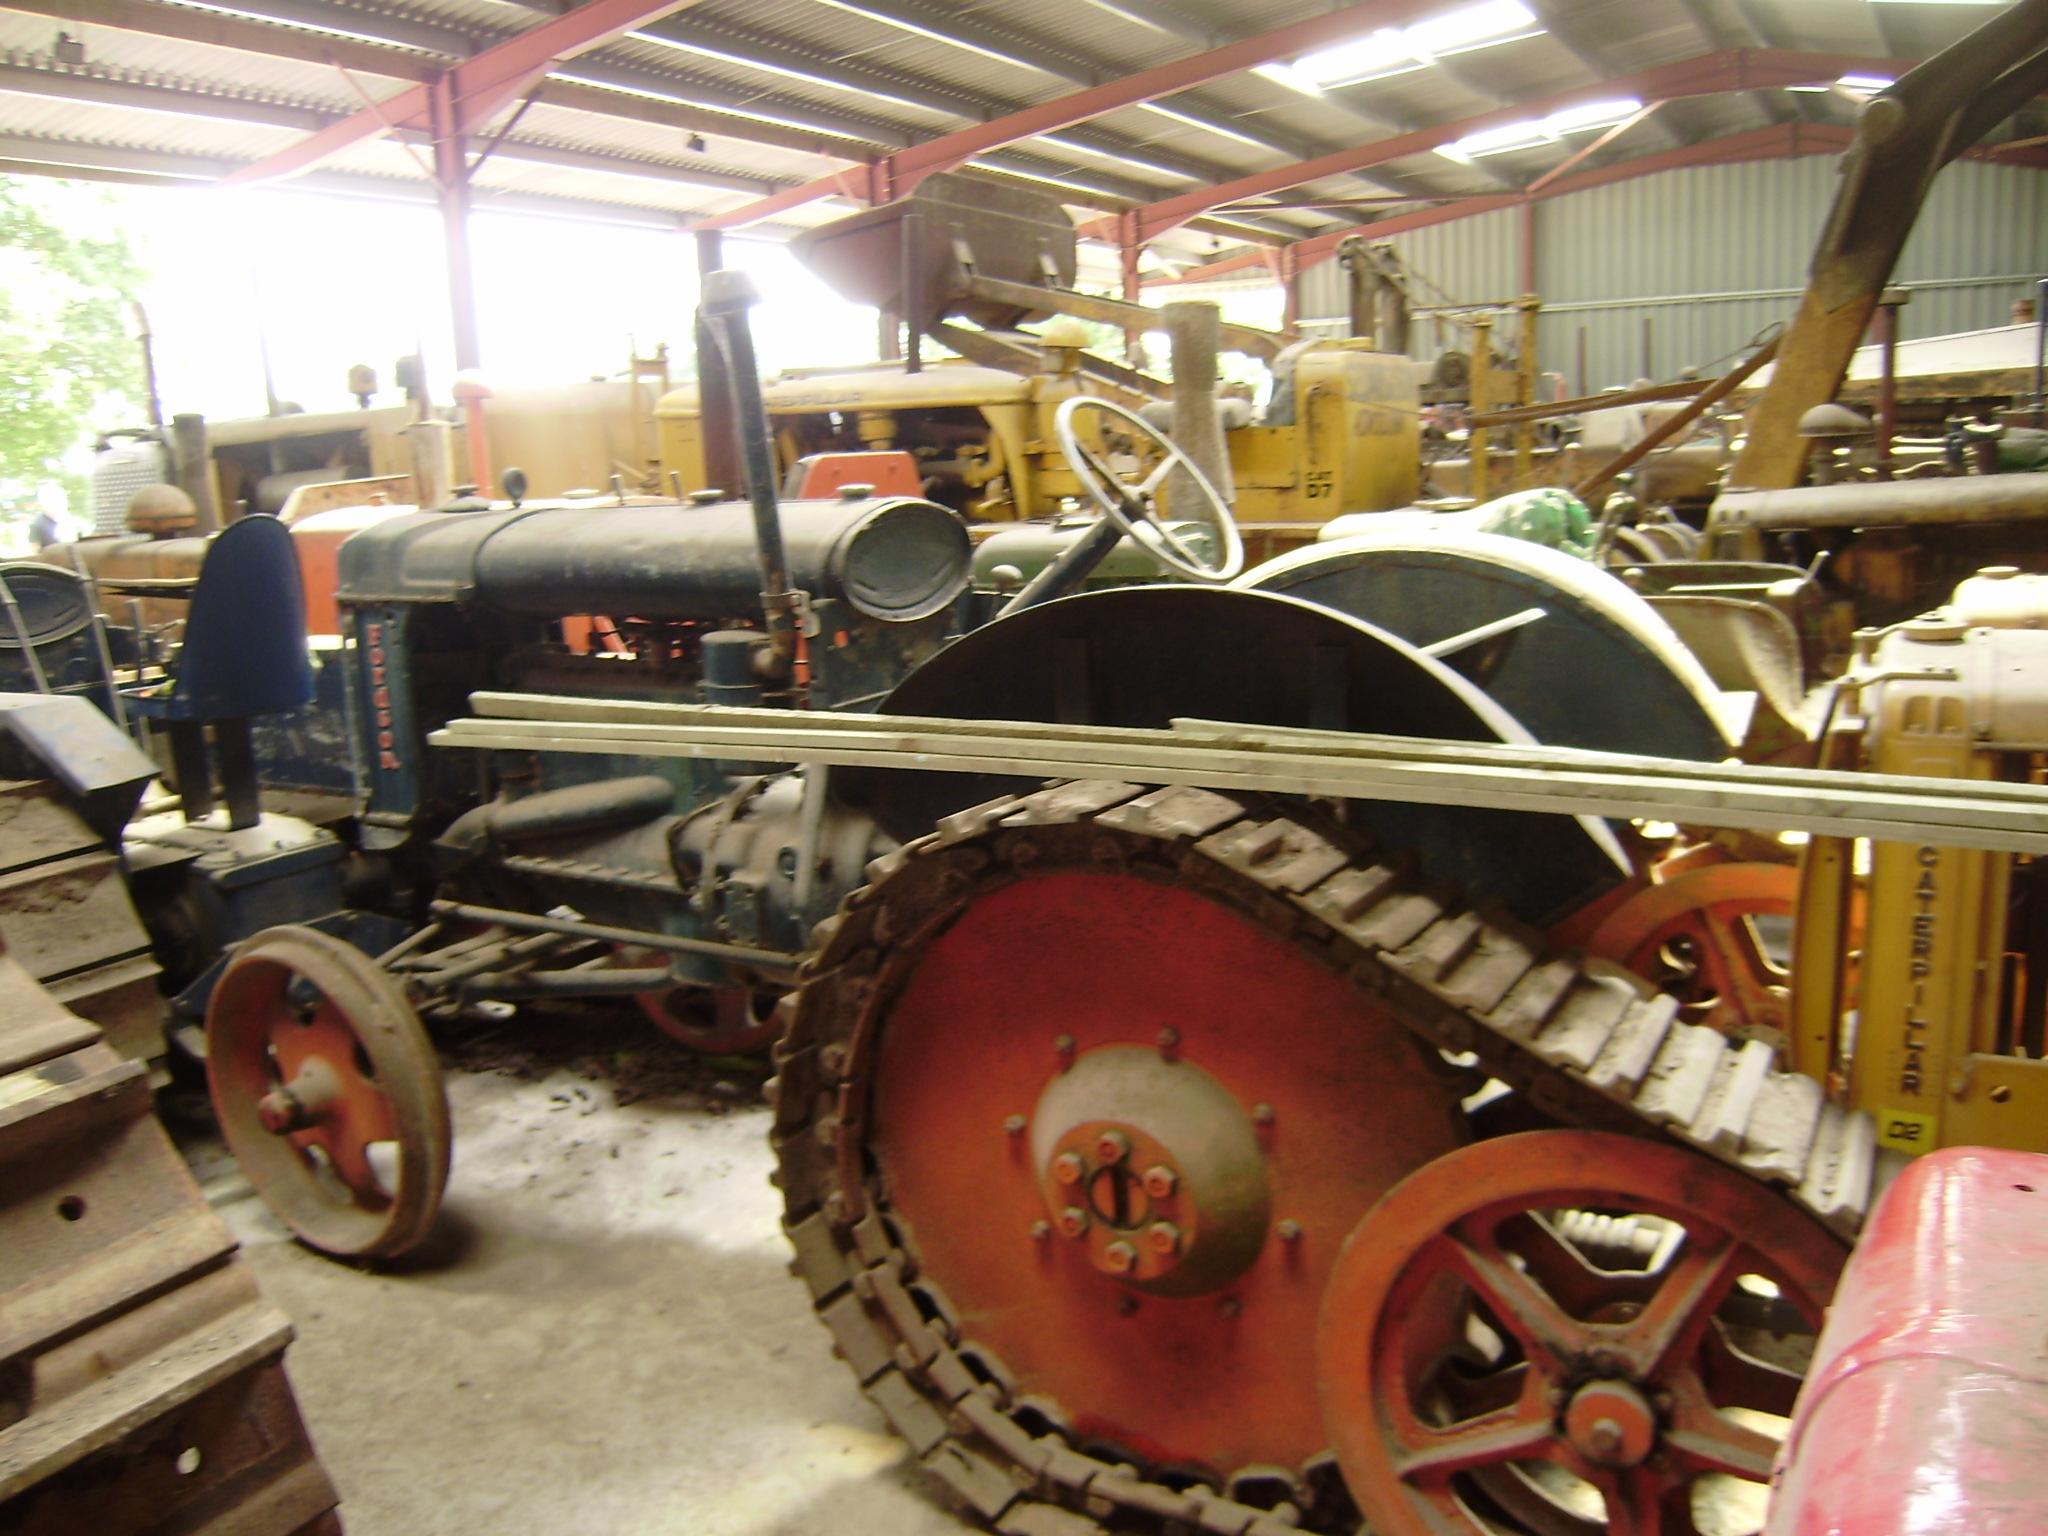 12 Volt Ferguson Tractor Wiring Diagram Just Schematic Delco Alternator Fordson Dexta Wire Center U2022 Radio